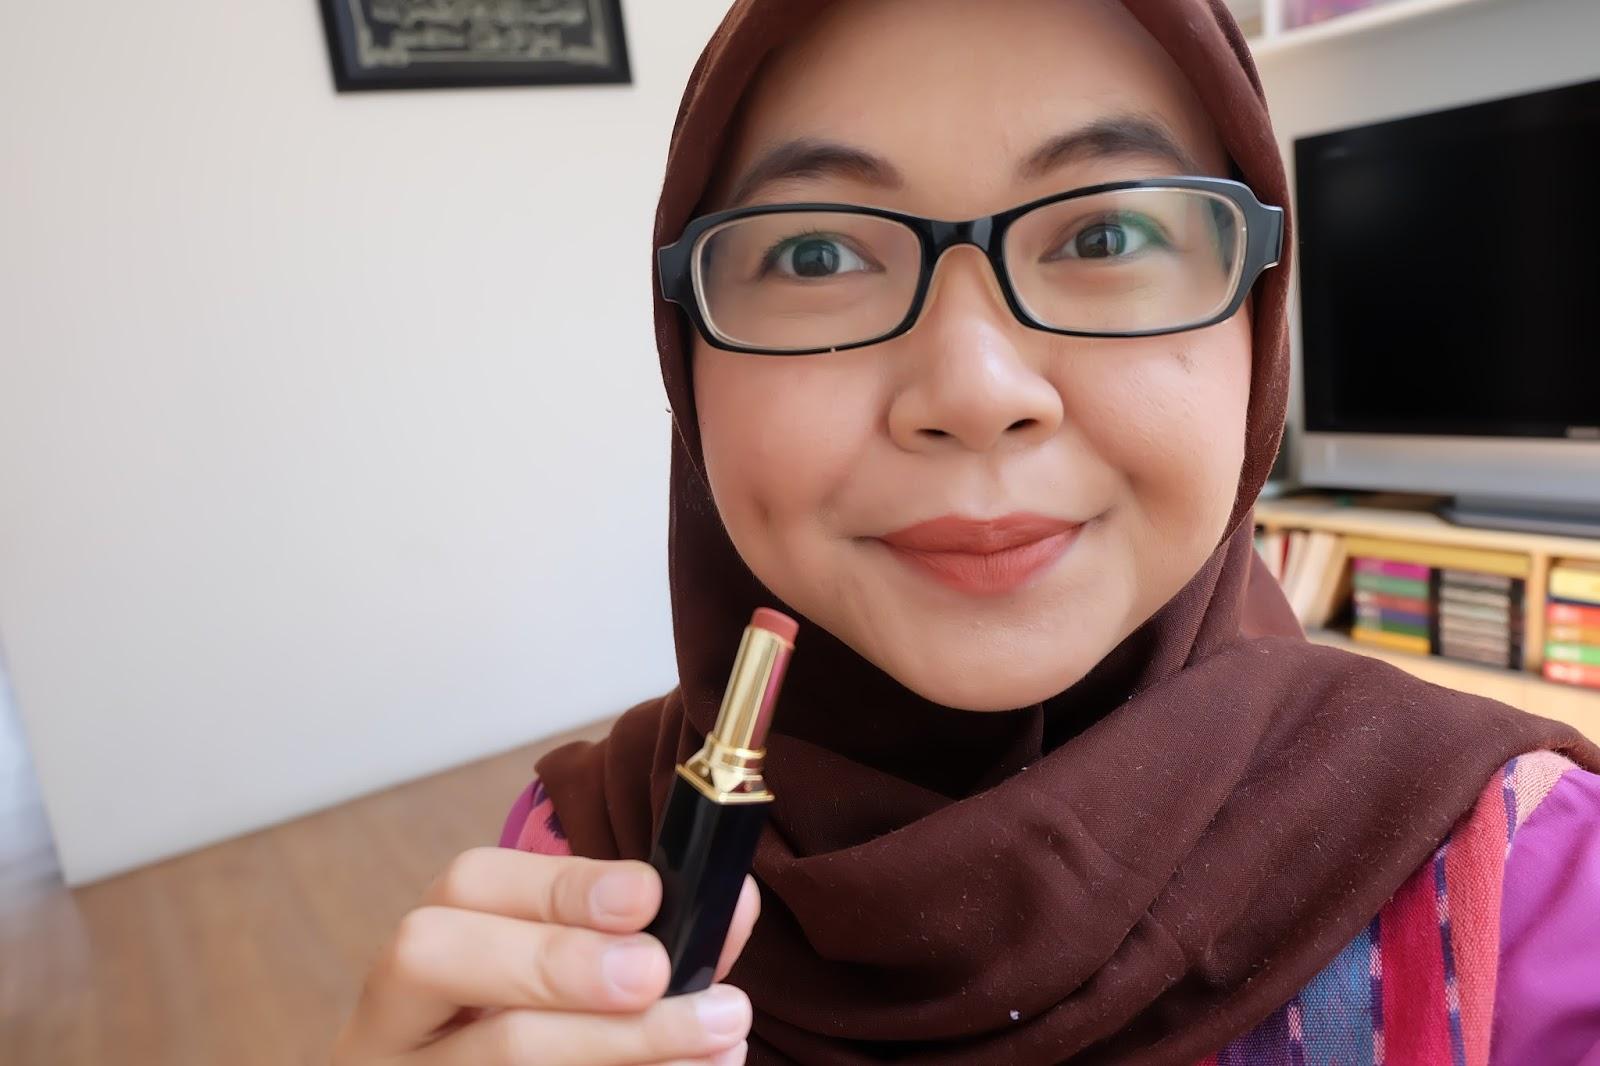 Beauty In Hijab Purbasari Lipstick Color Matte 83 86 And 90 Shade Lipstik Paling  Original No Crystal Selain Itu Kelebihan Dari